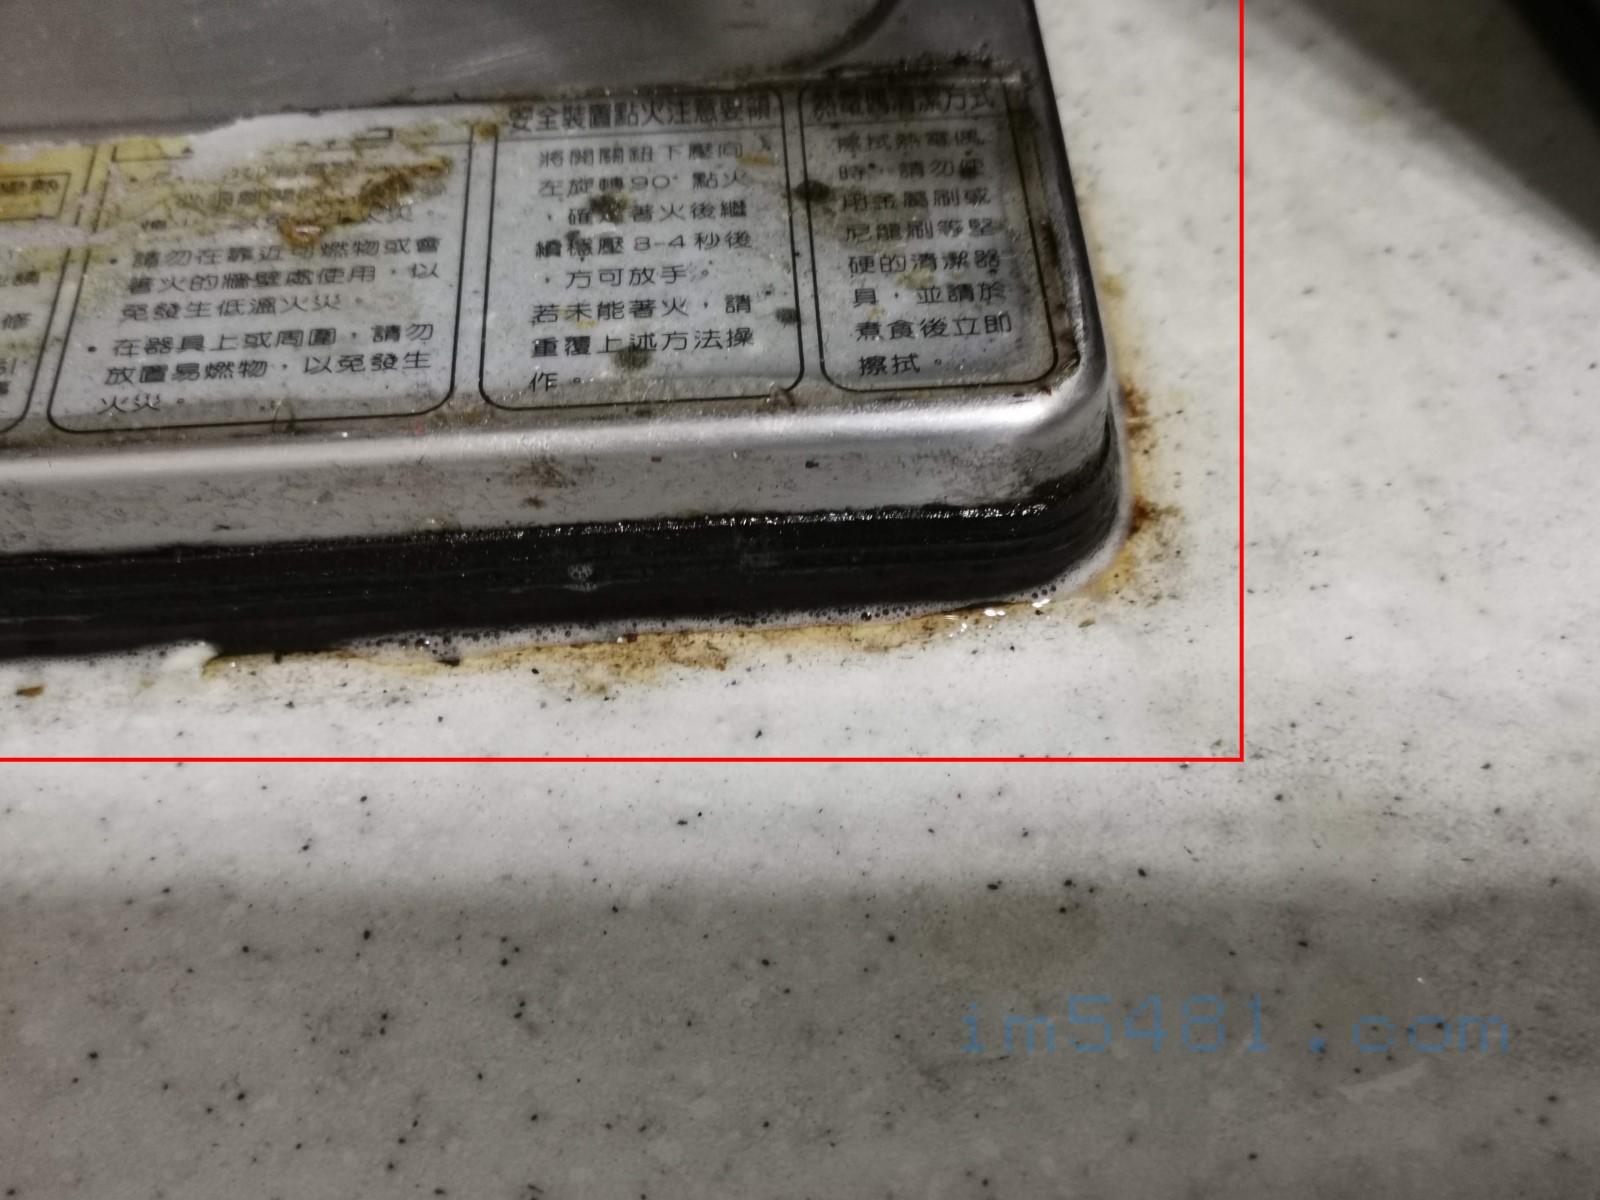 前屋主所遺留的變質超黏油垢,嵌入瓦斯爐旁邊的膠條都是變質超黏且難以清除的油垢(紅色區域全都是)。噴上廚房魔術靈 橘油捷淨噴槍瓶來看效果。